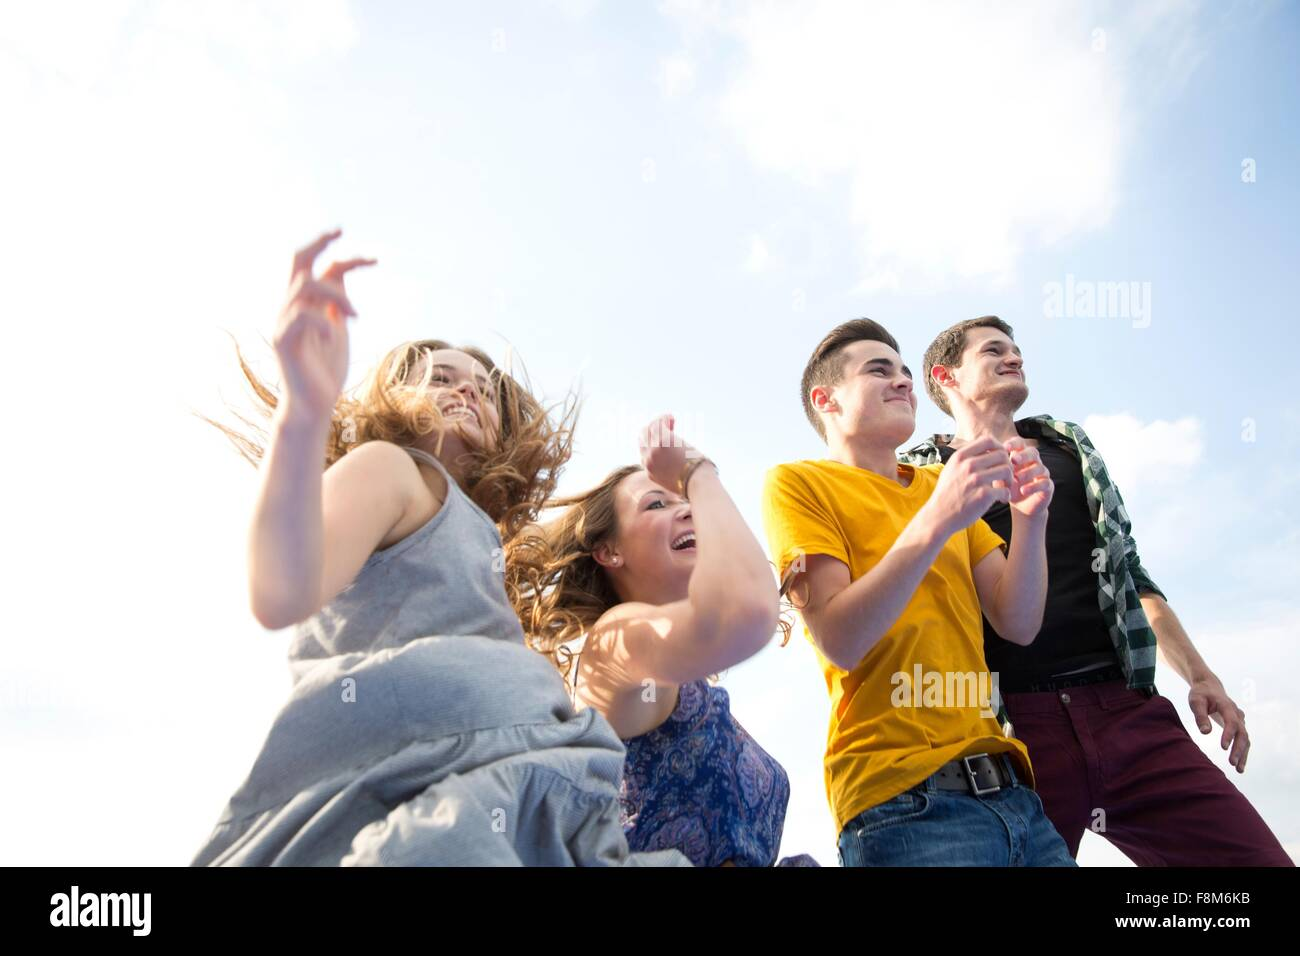 Groupe de jeunes adultes, d'exécution, à l'extérieur, low angle view Photo Stock